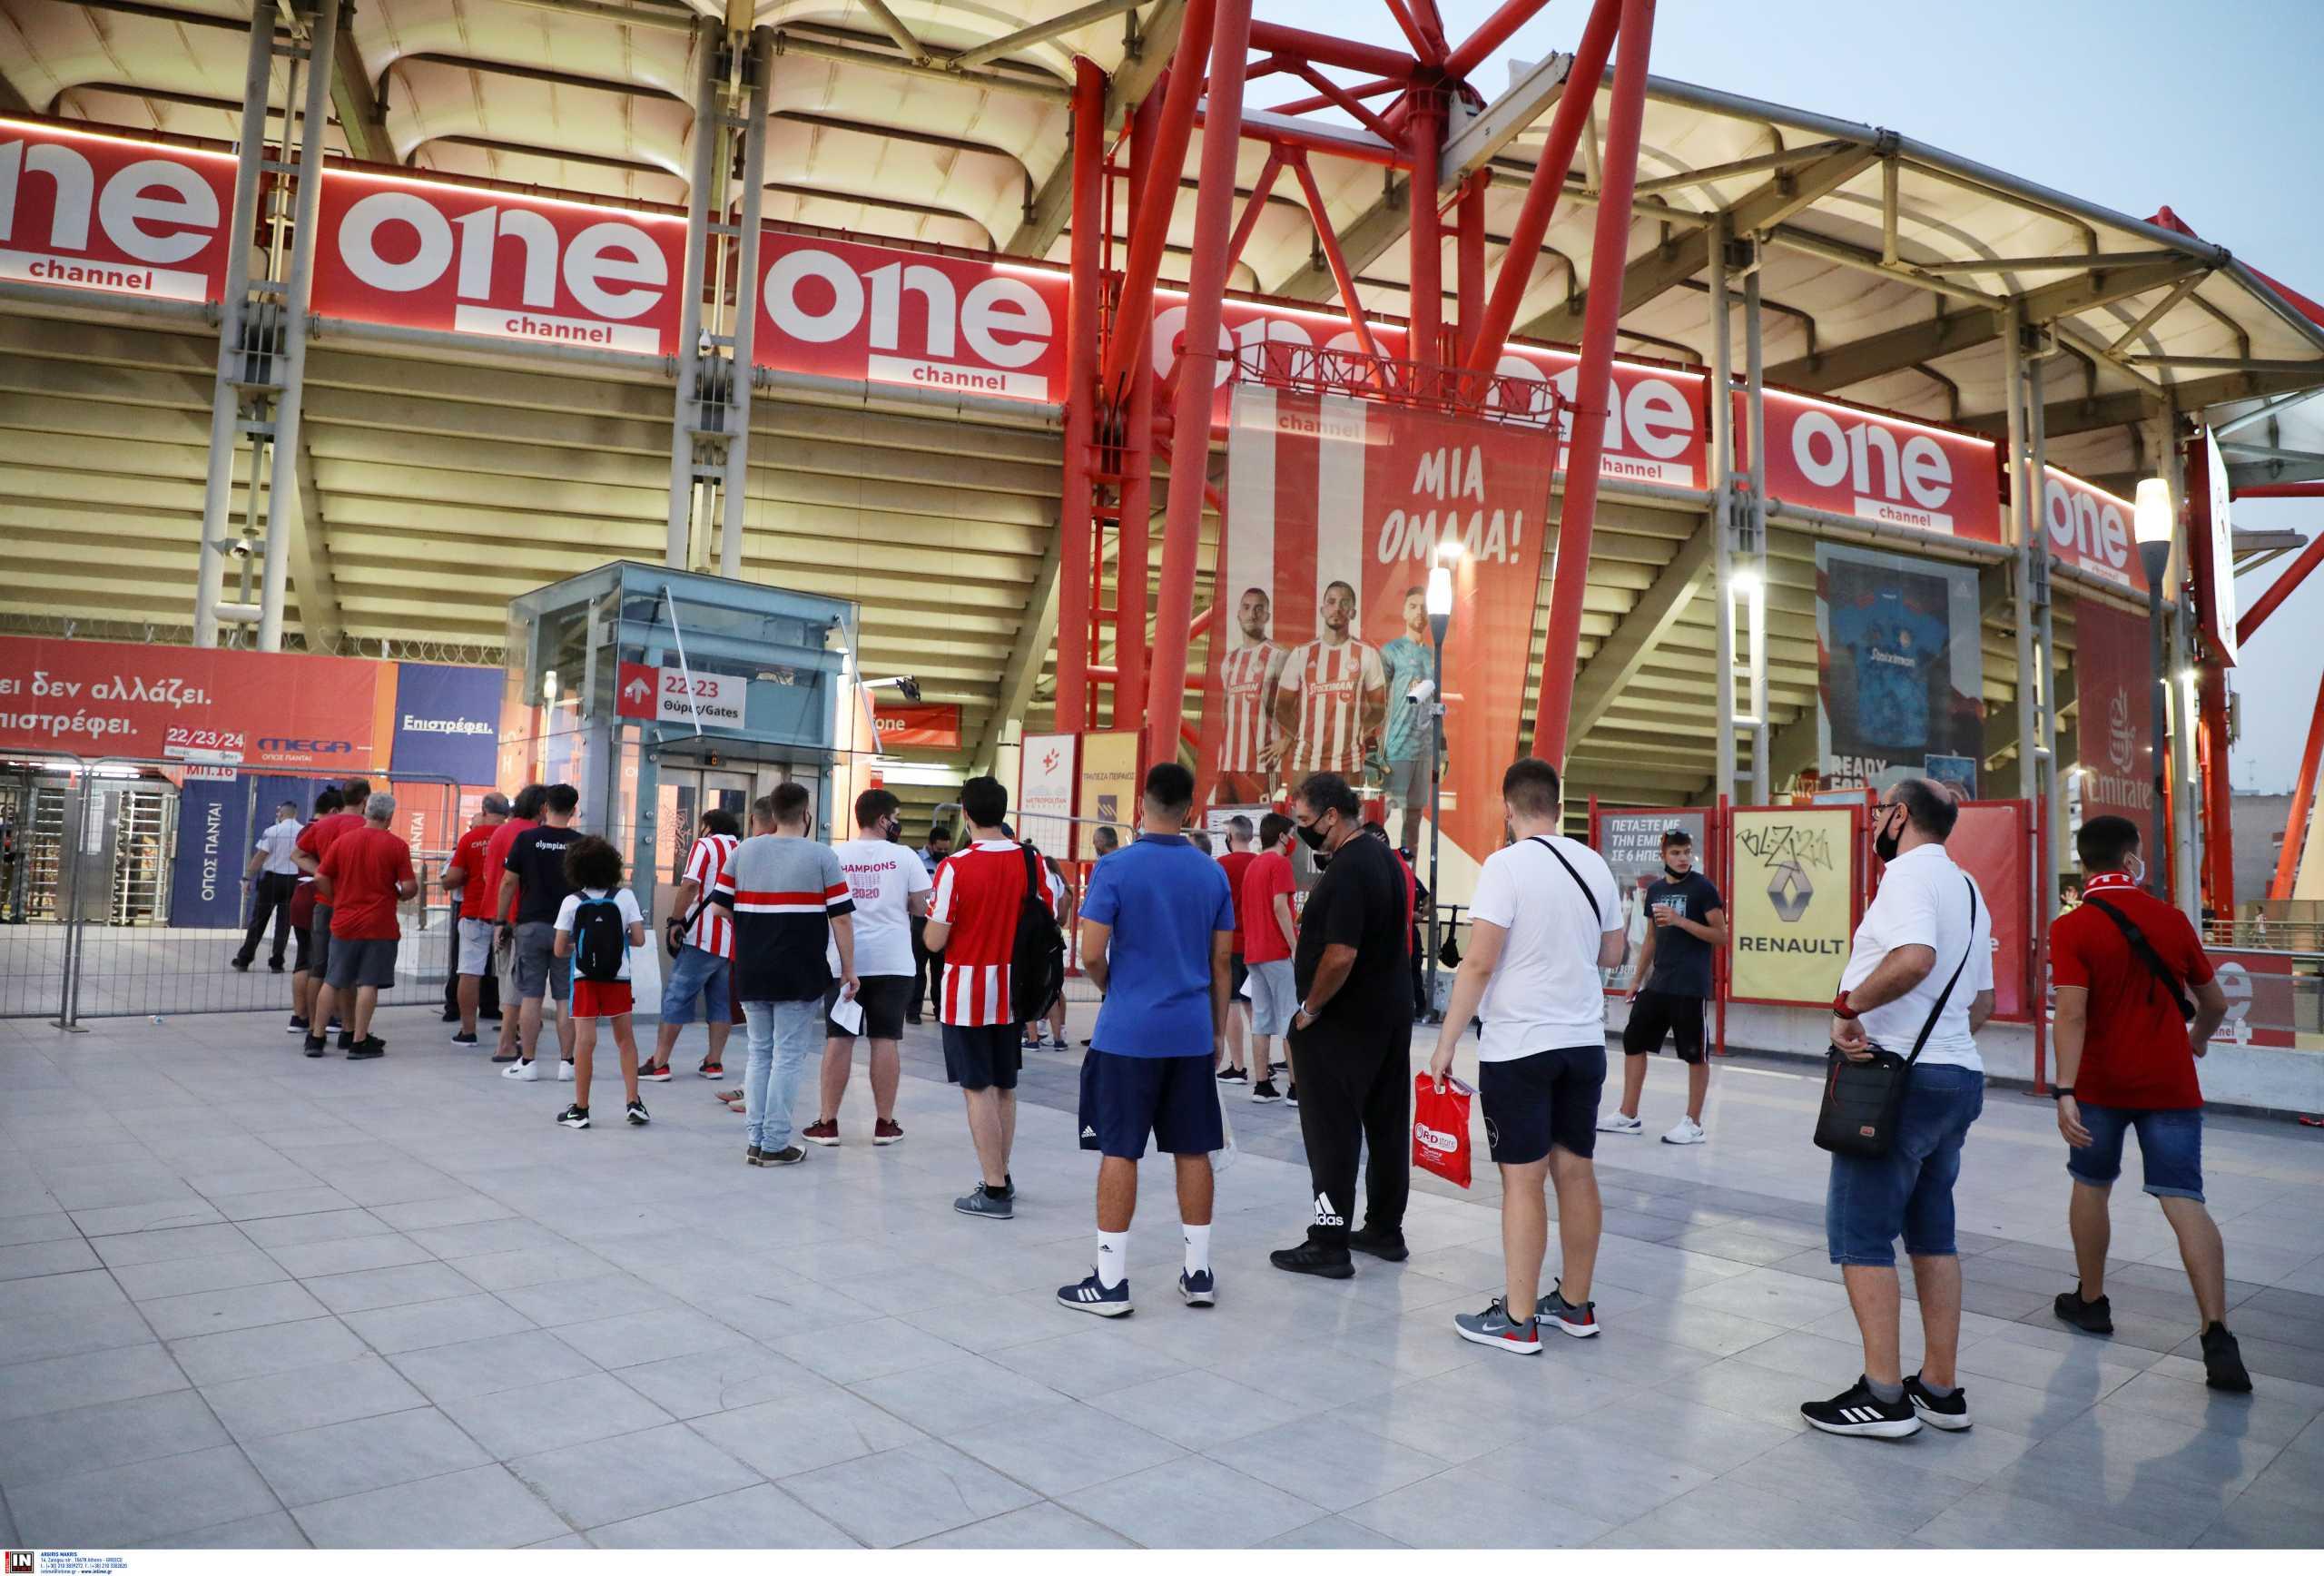 Ολυμπιακός – Νέφτσι Μπακού: Επέστρεψαν οι οπαδοί με ελέγχους στην είσοδο